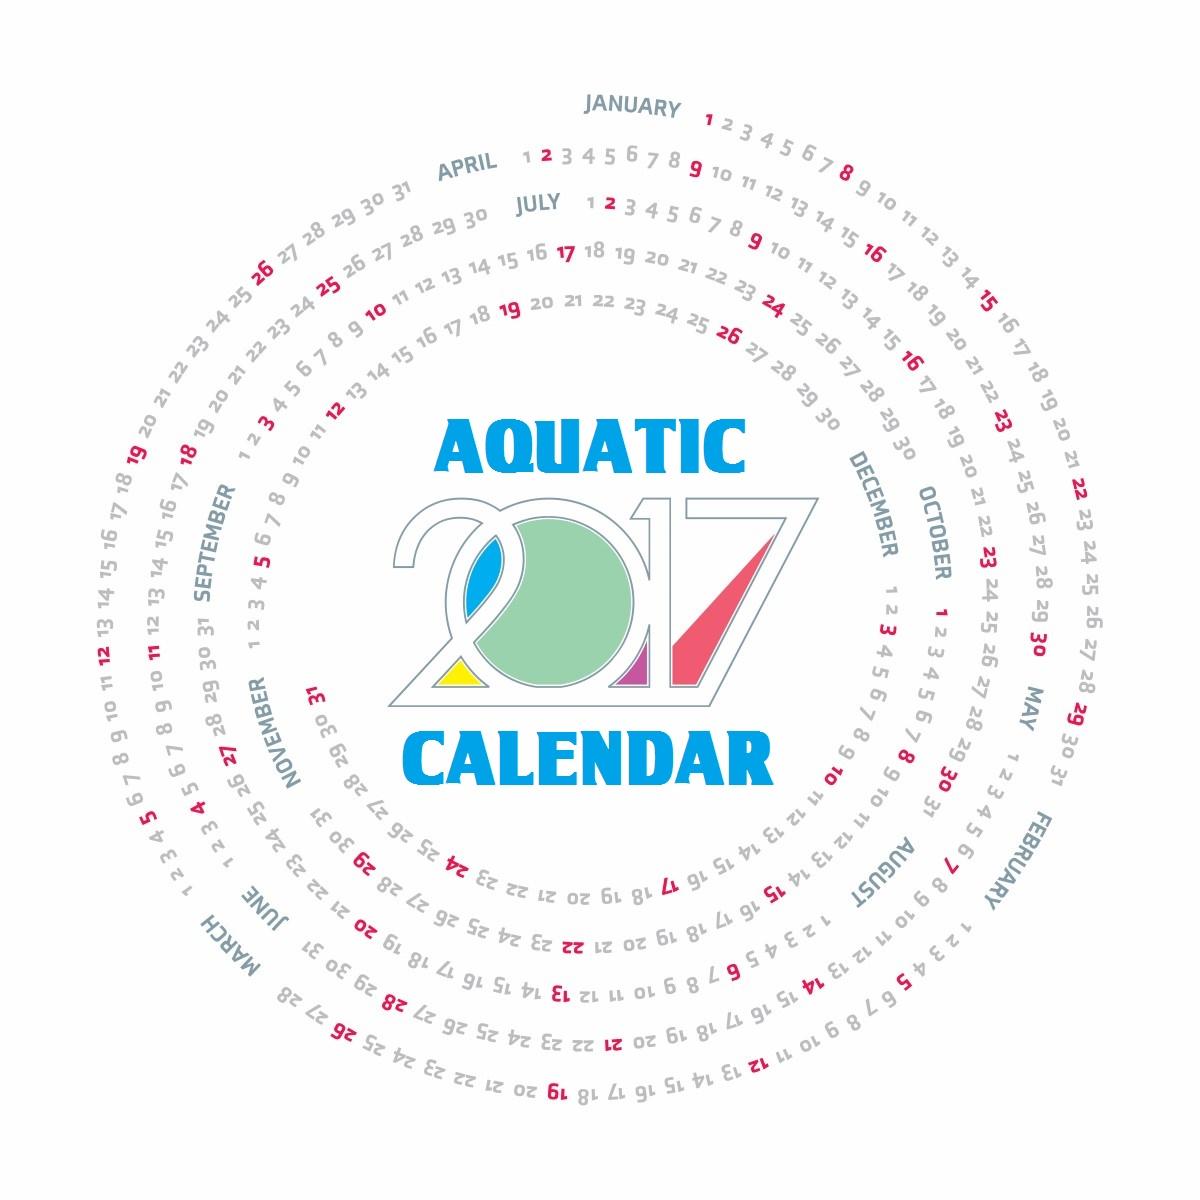 Aquatic Calendar 2017